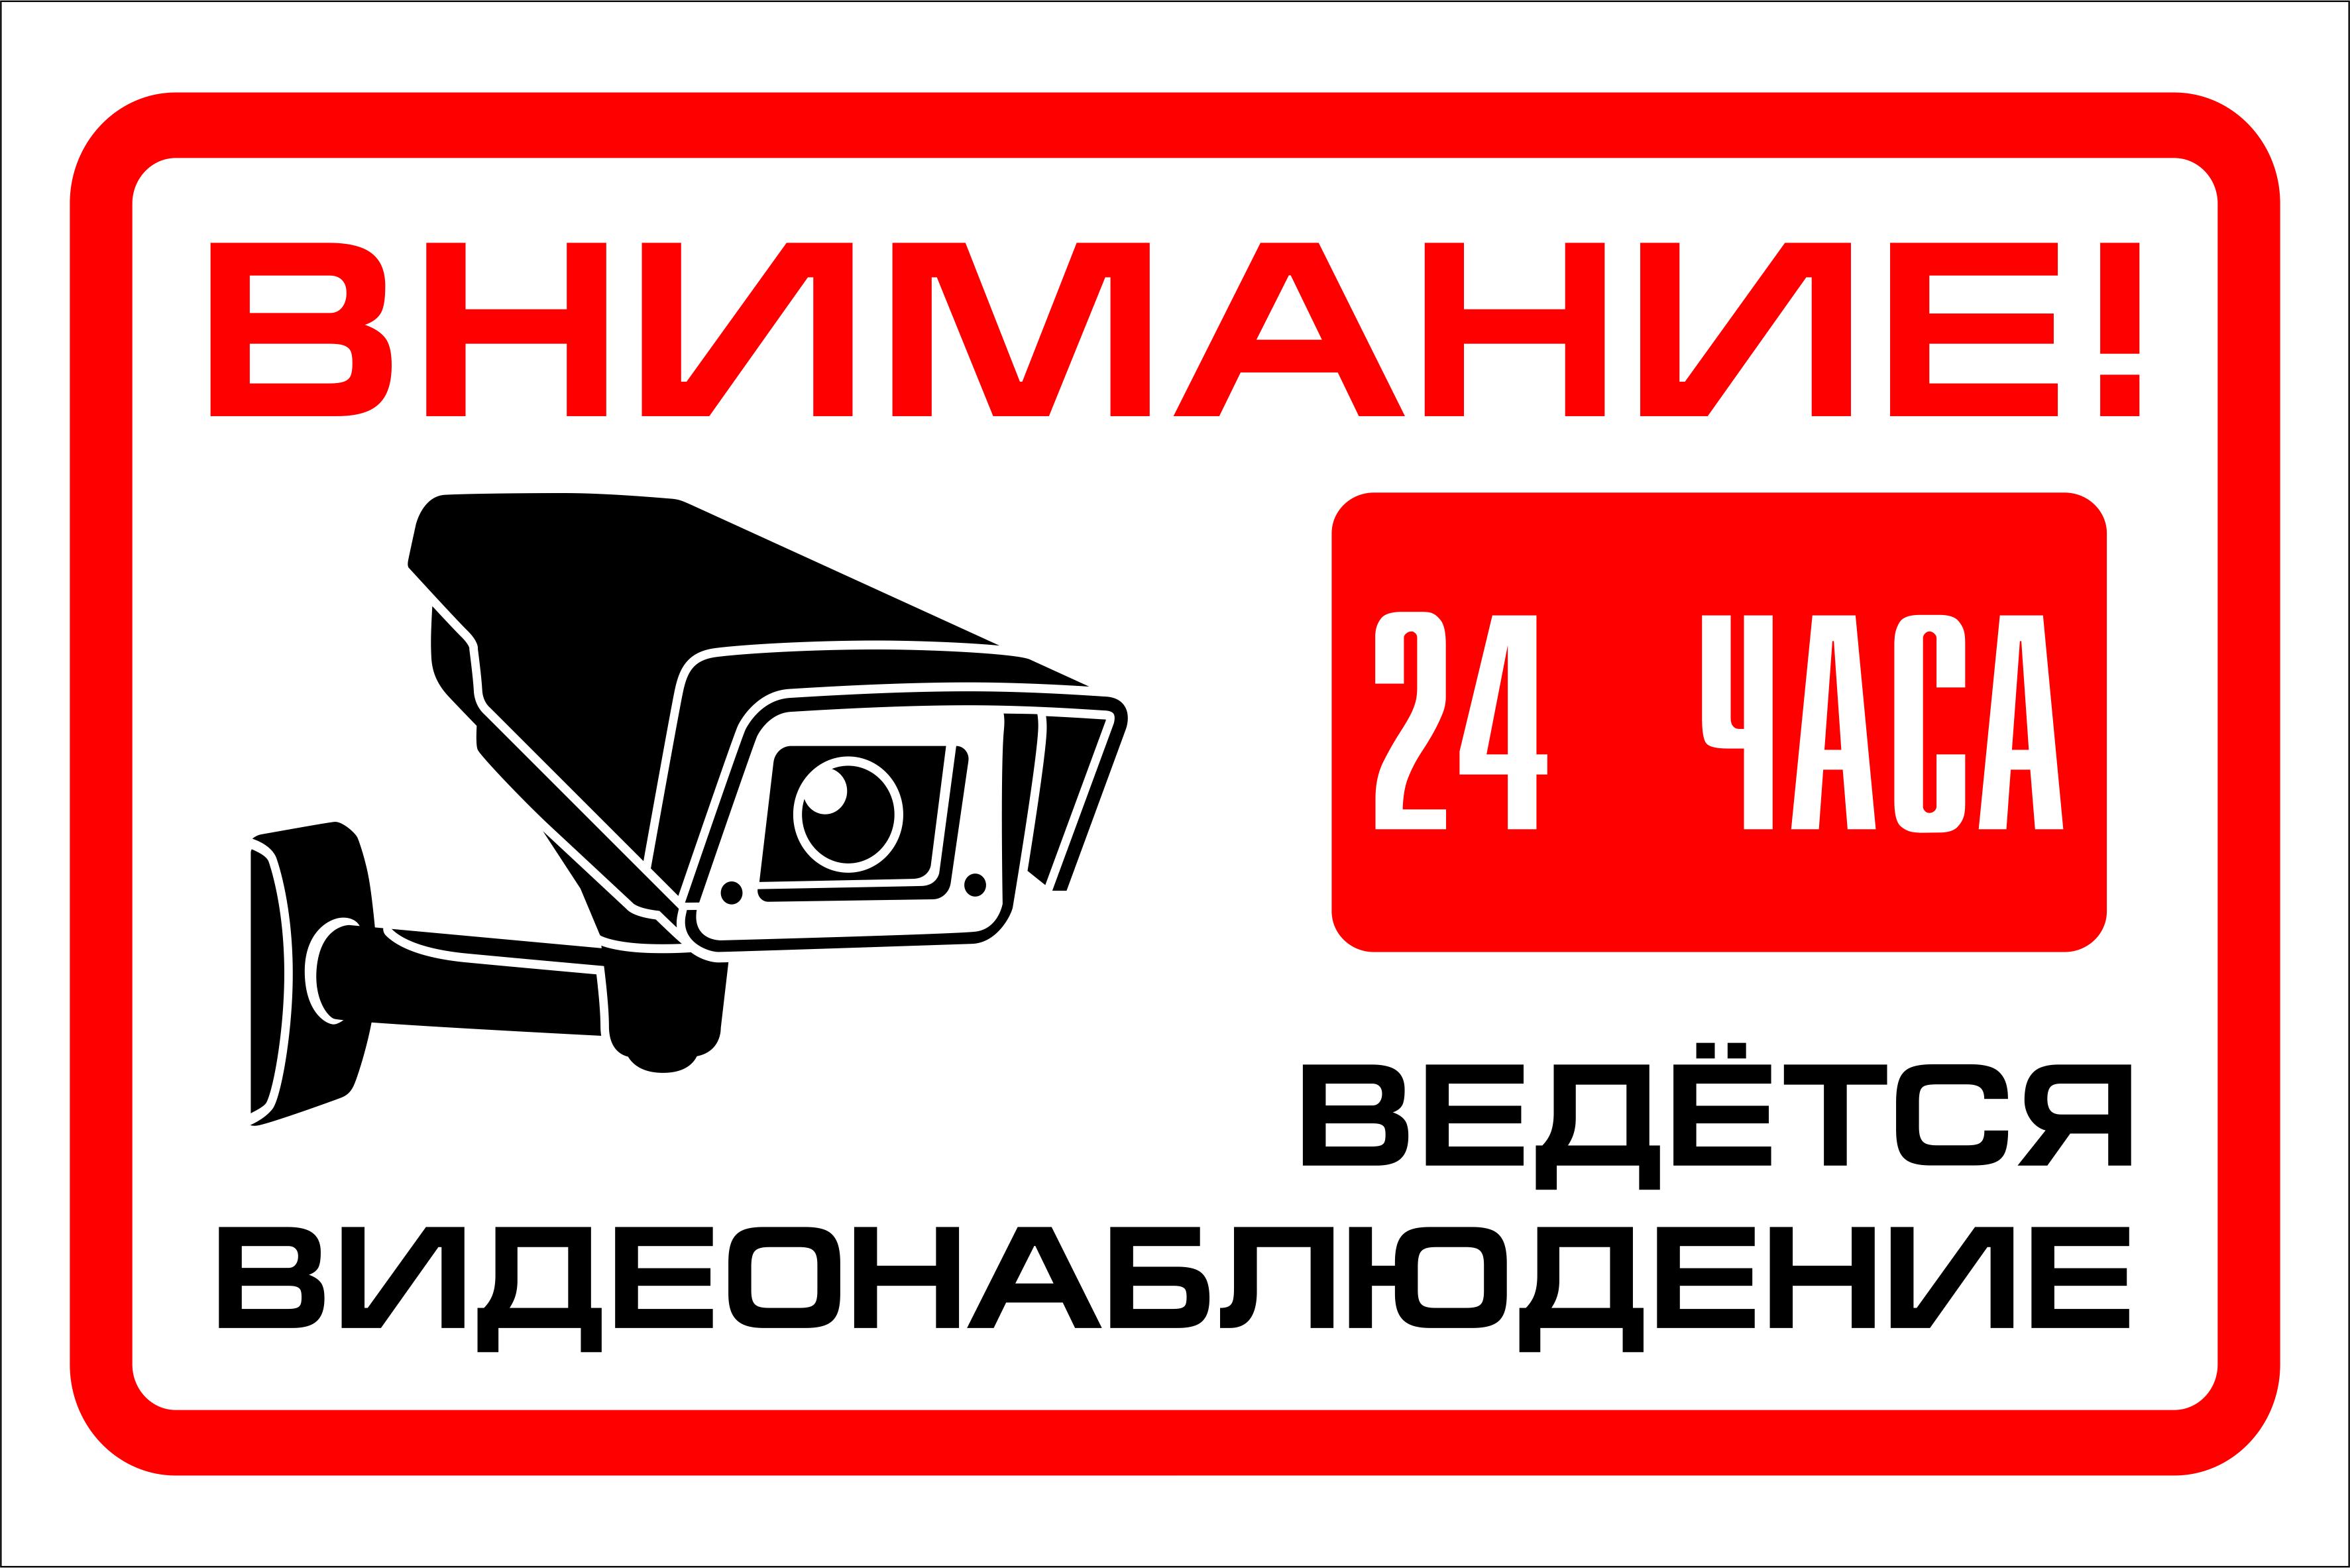 🛠 таблички внимание видеонаблюдение / новости / видеонаблюдение.